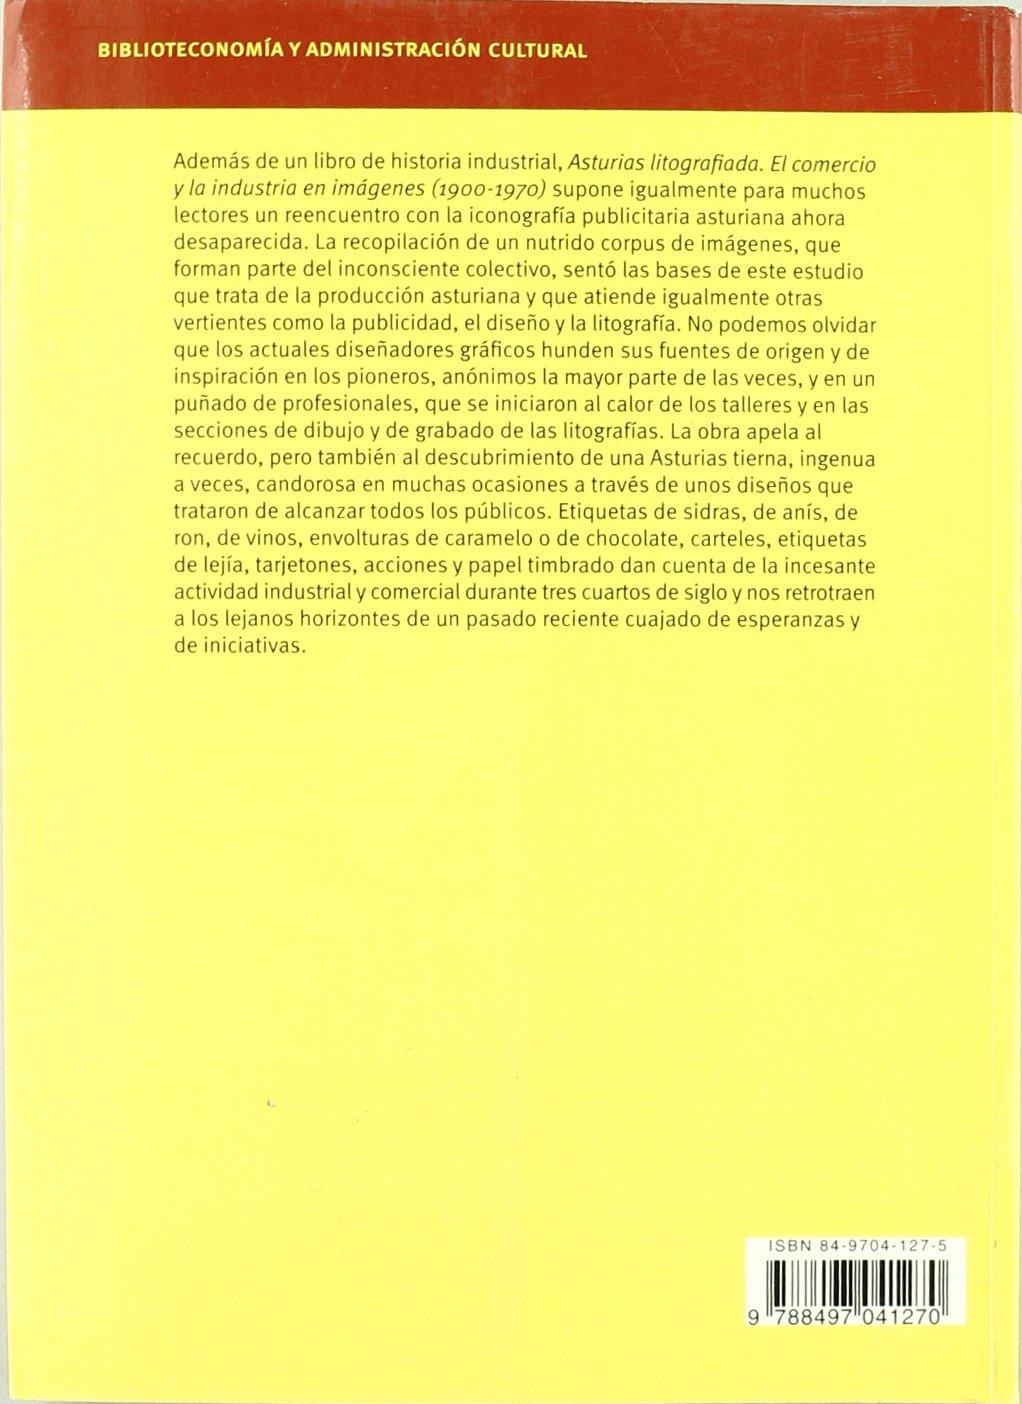 Asturias litografiada: El comercio y la industria en imágenes ...